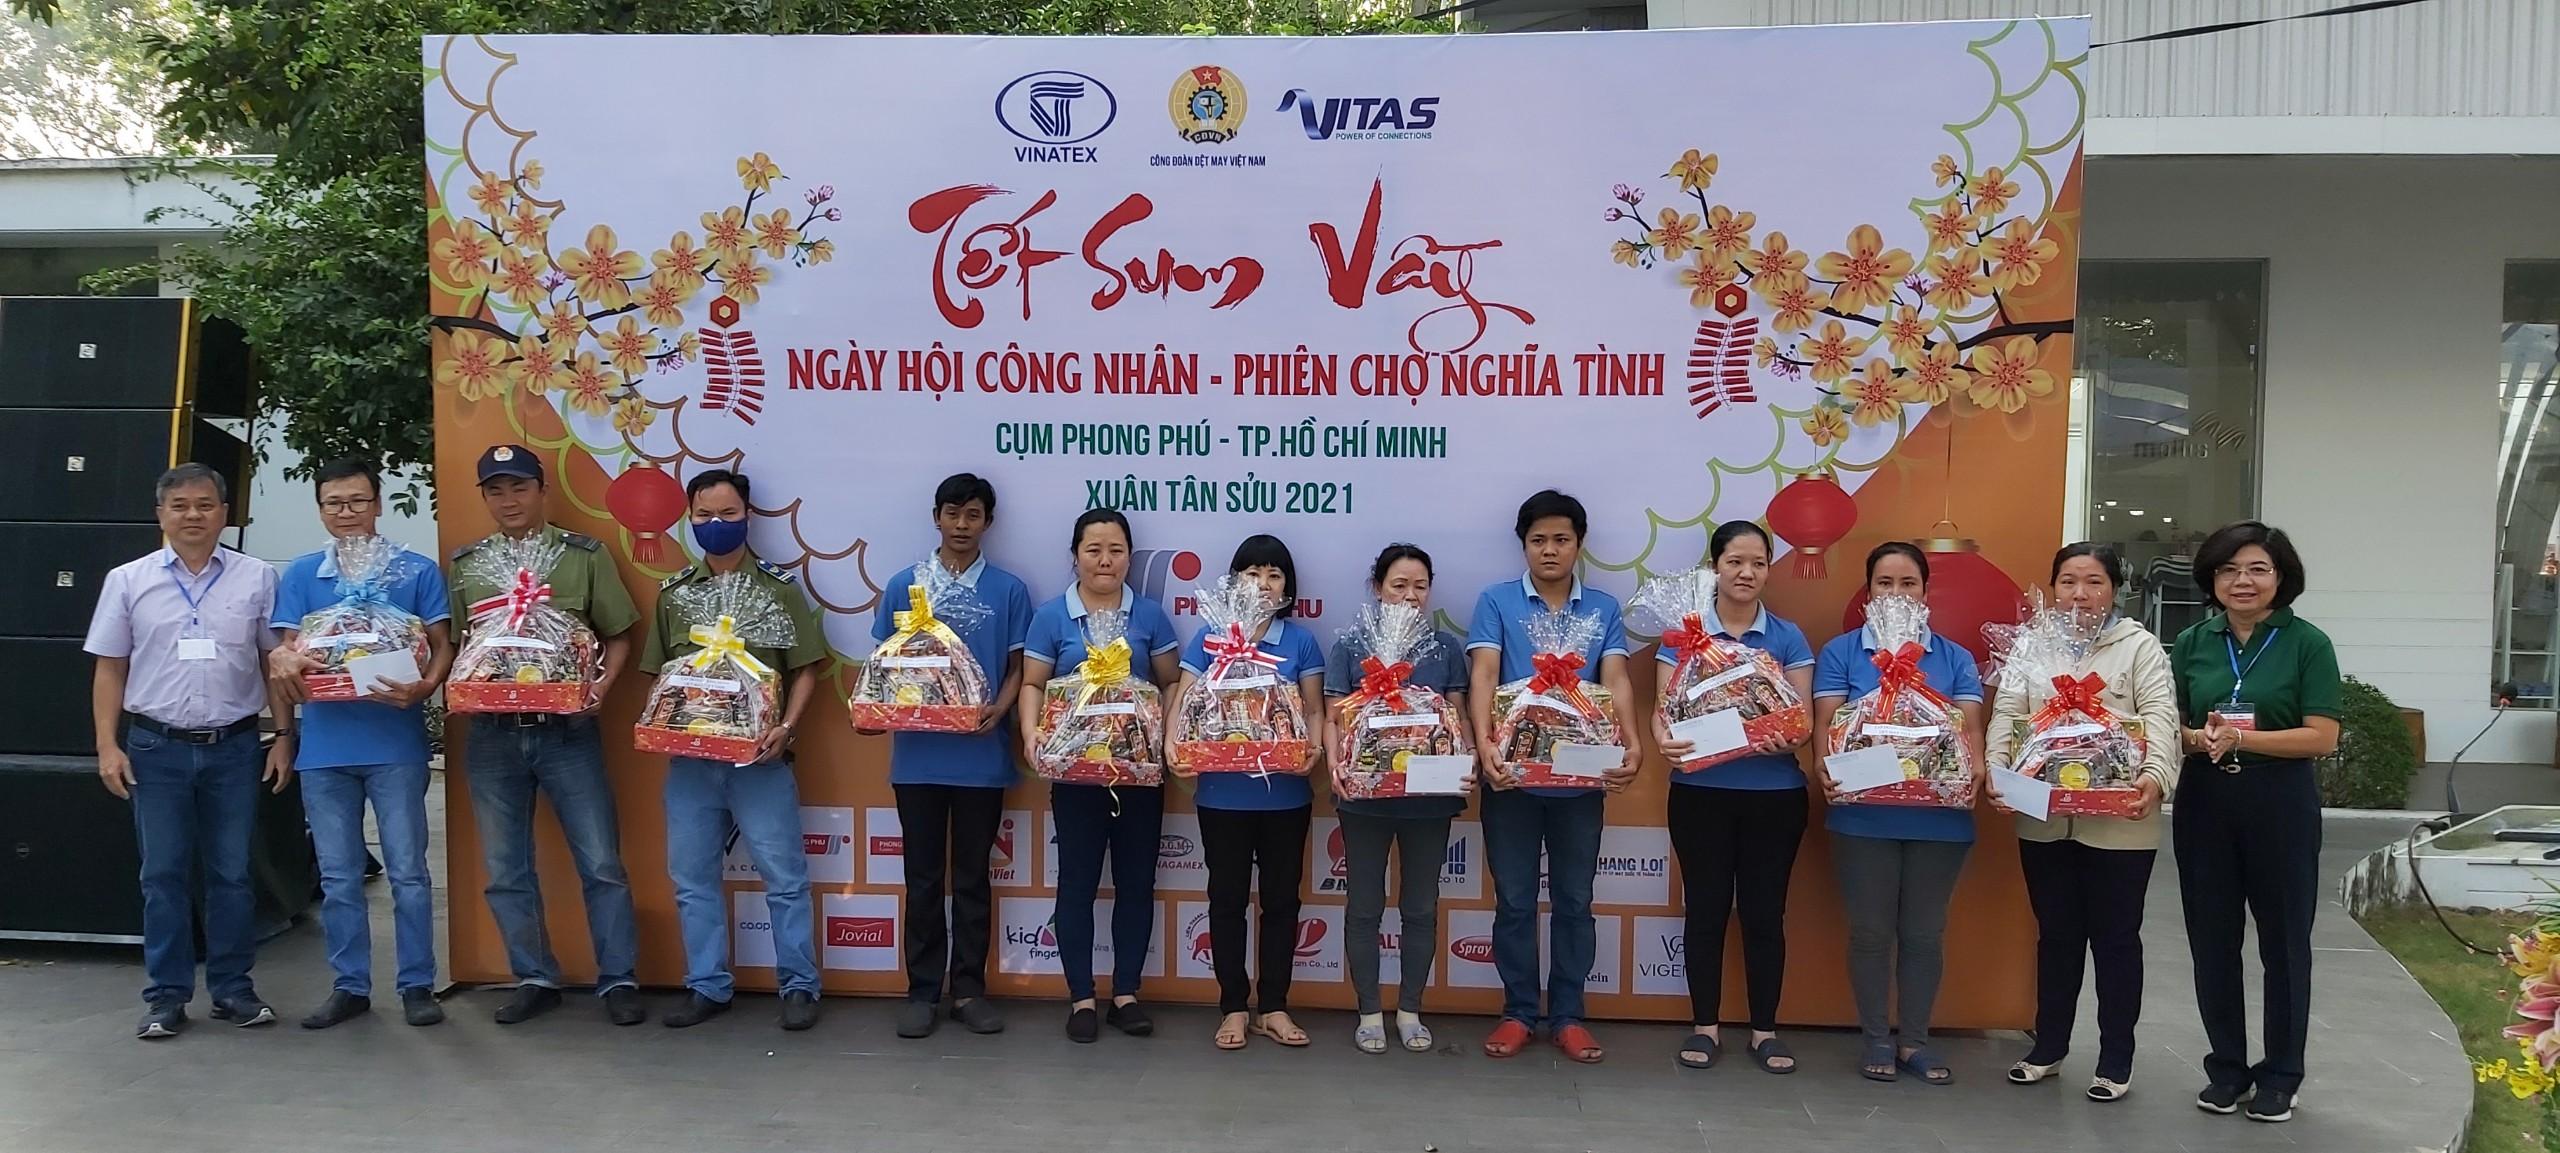 """Chương trình """"Tết sum vầy - Ngày hội công nhân – Phiên chợ nghĩa tình"""" 2021 được tổ chức tại TP. HCM"""